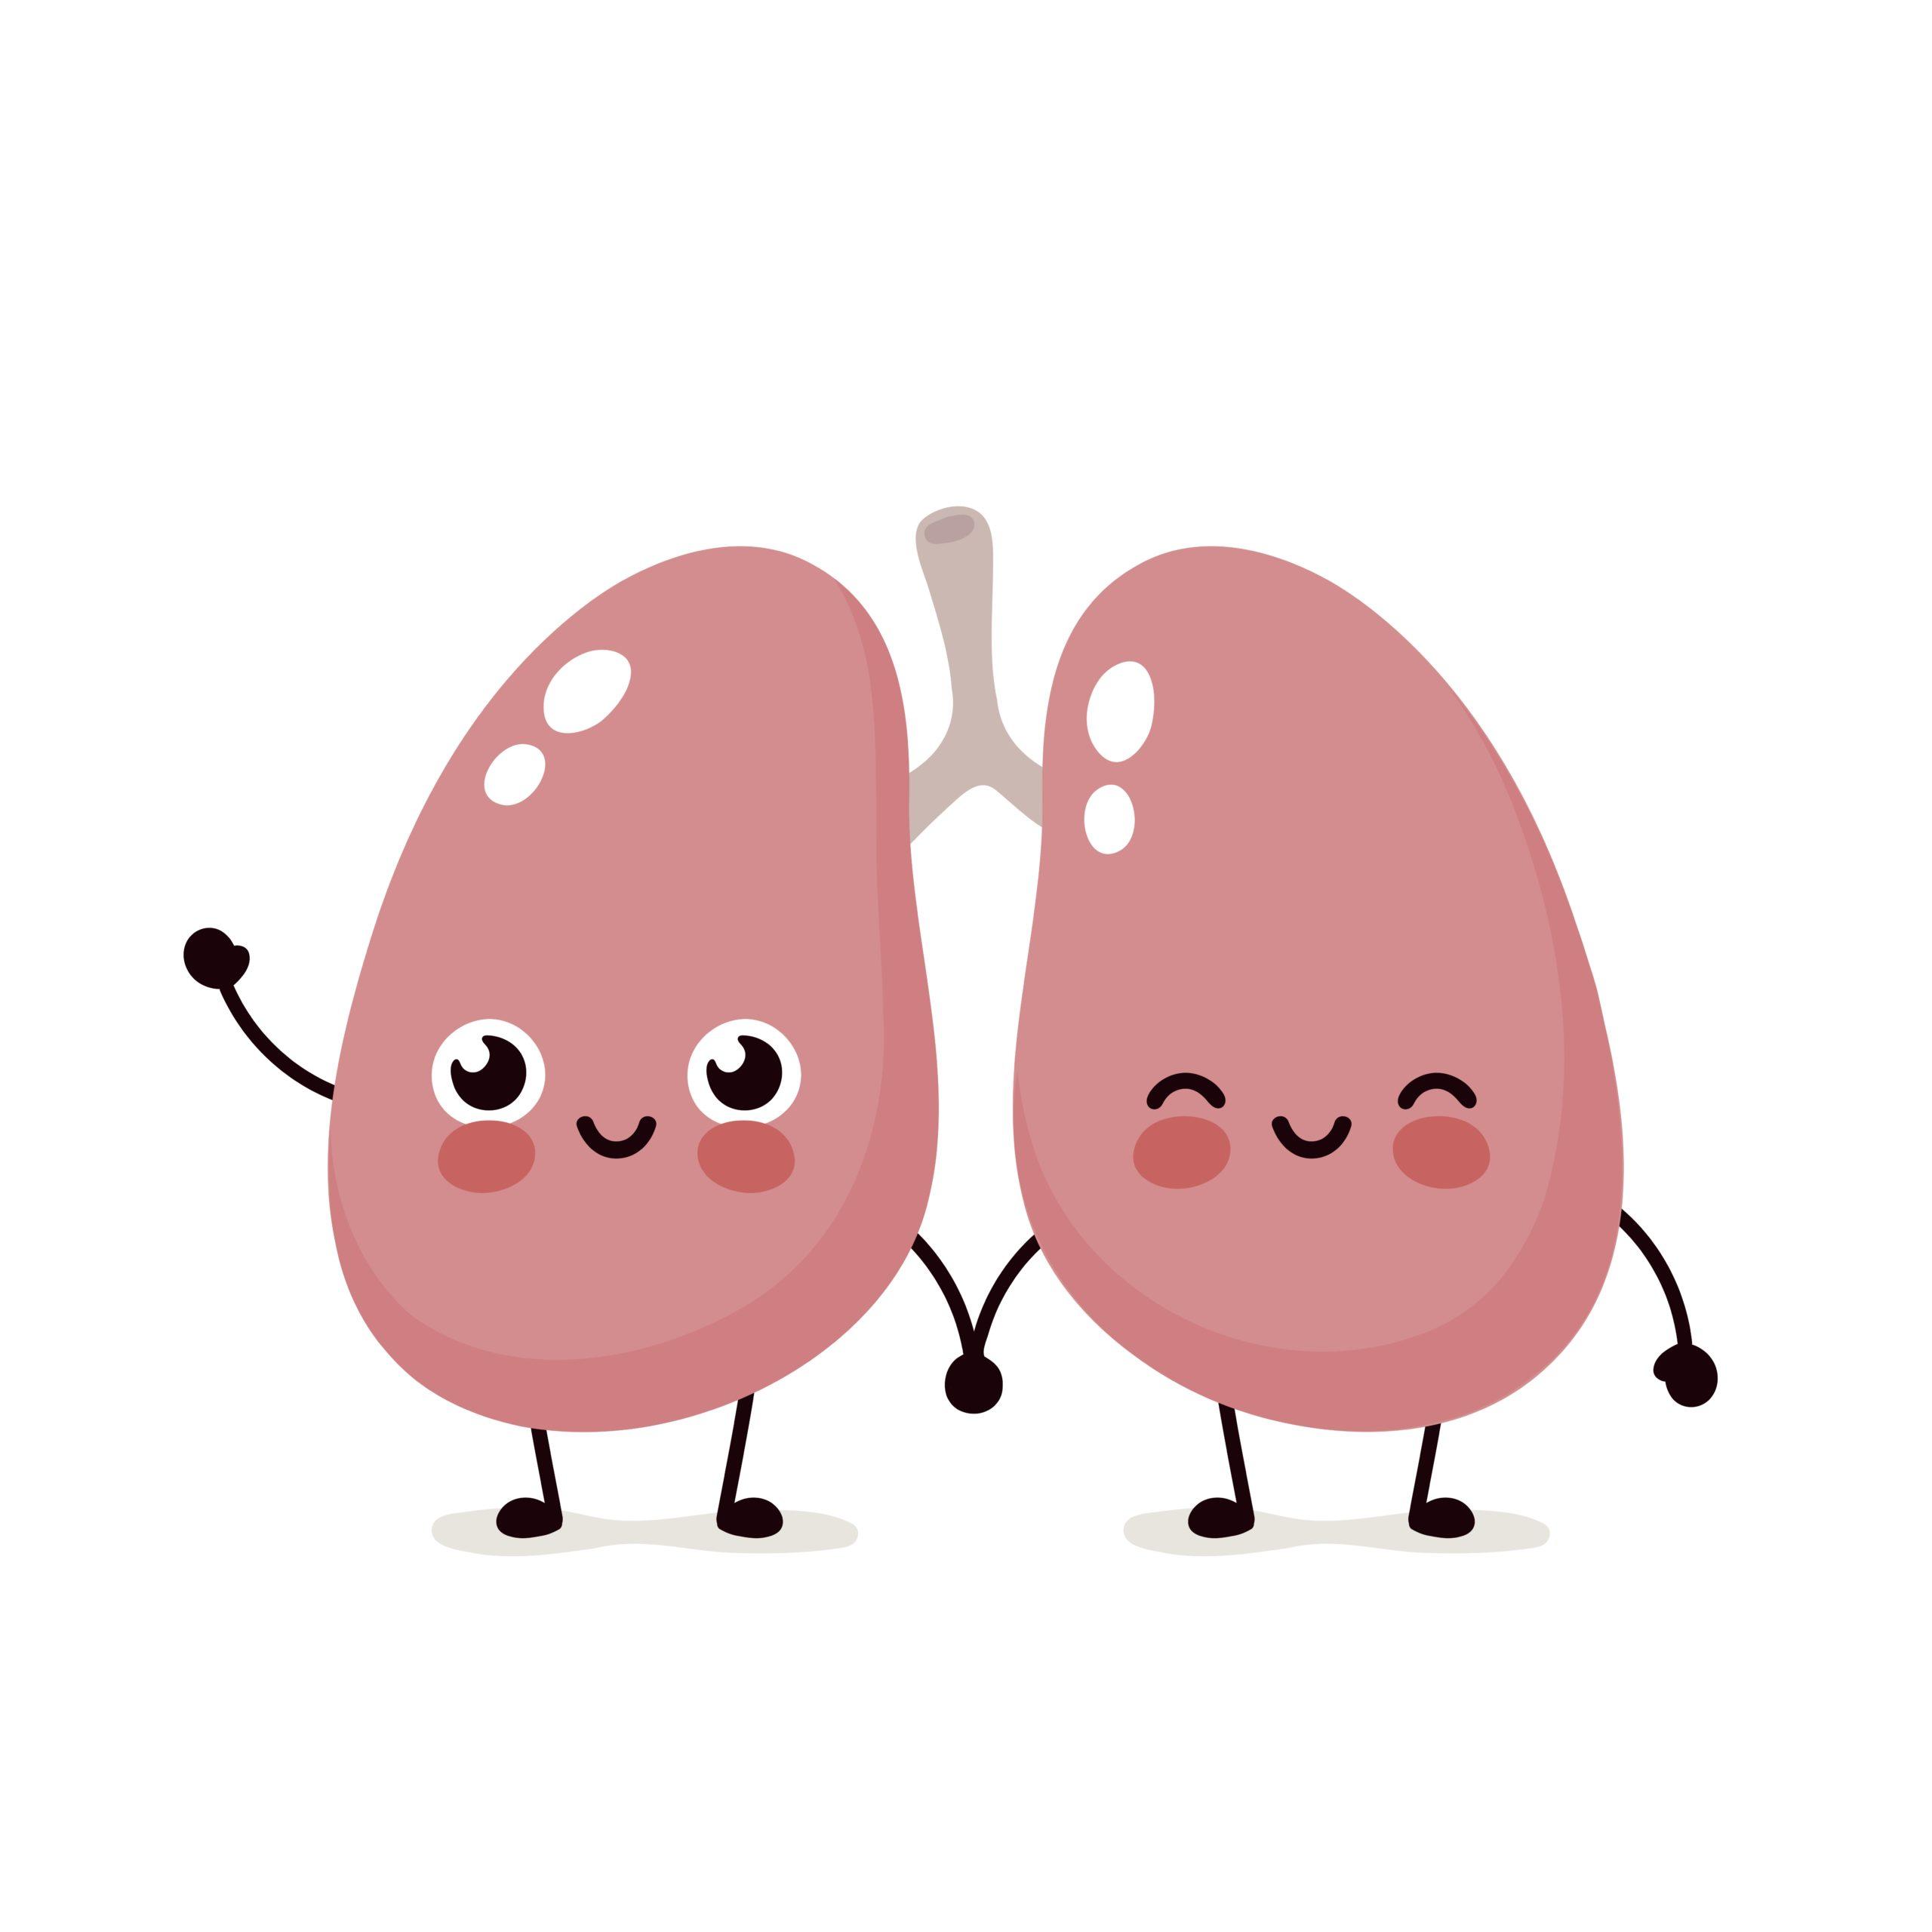 La UNAM ofrecerá talleres pulmonares para convalecientes por Covid-19